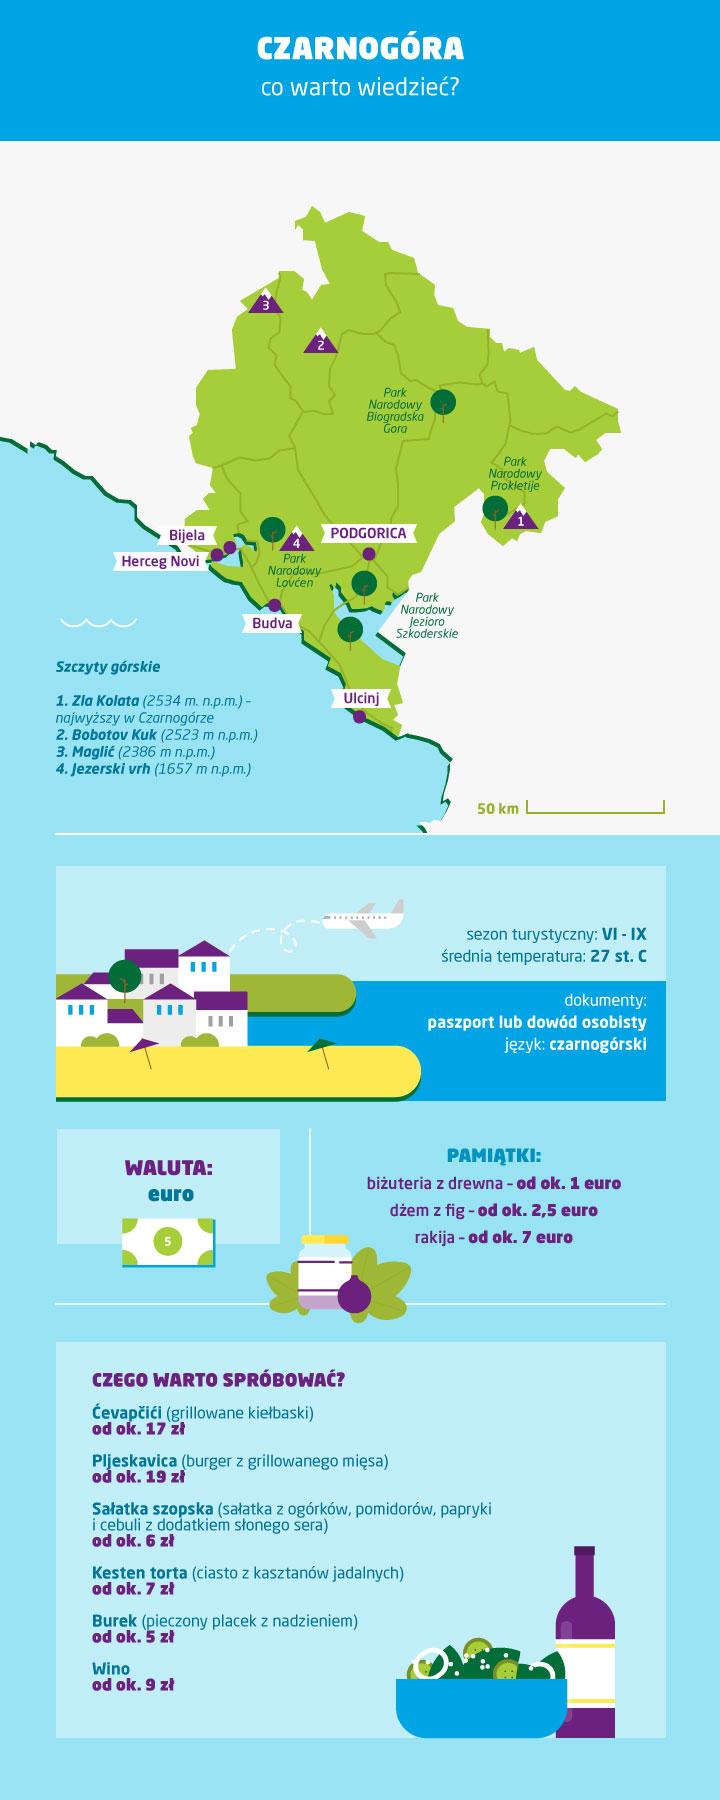 Czarnogóra - co warto wiedzieć przed wyjazdem - infografika